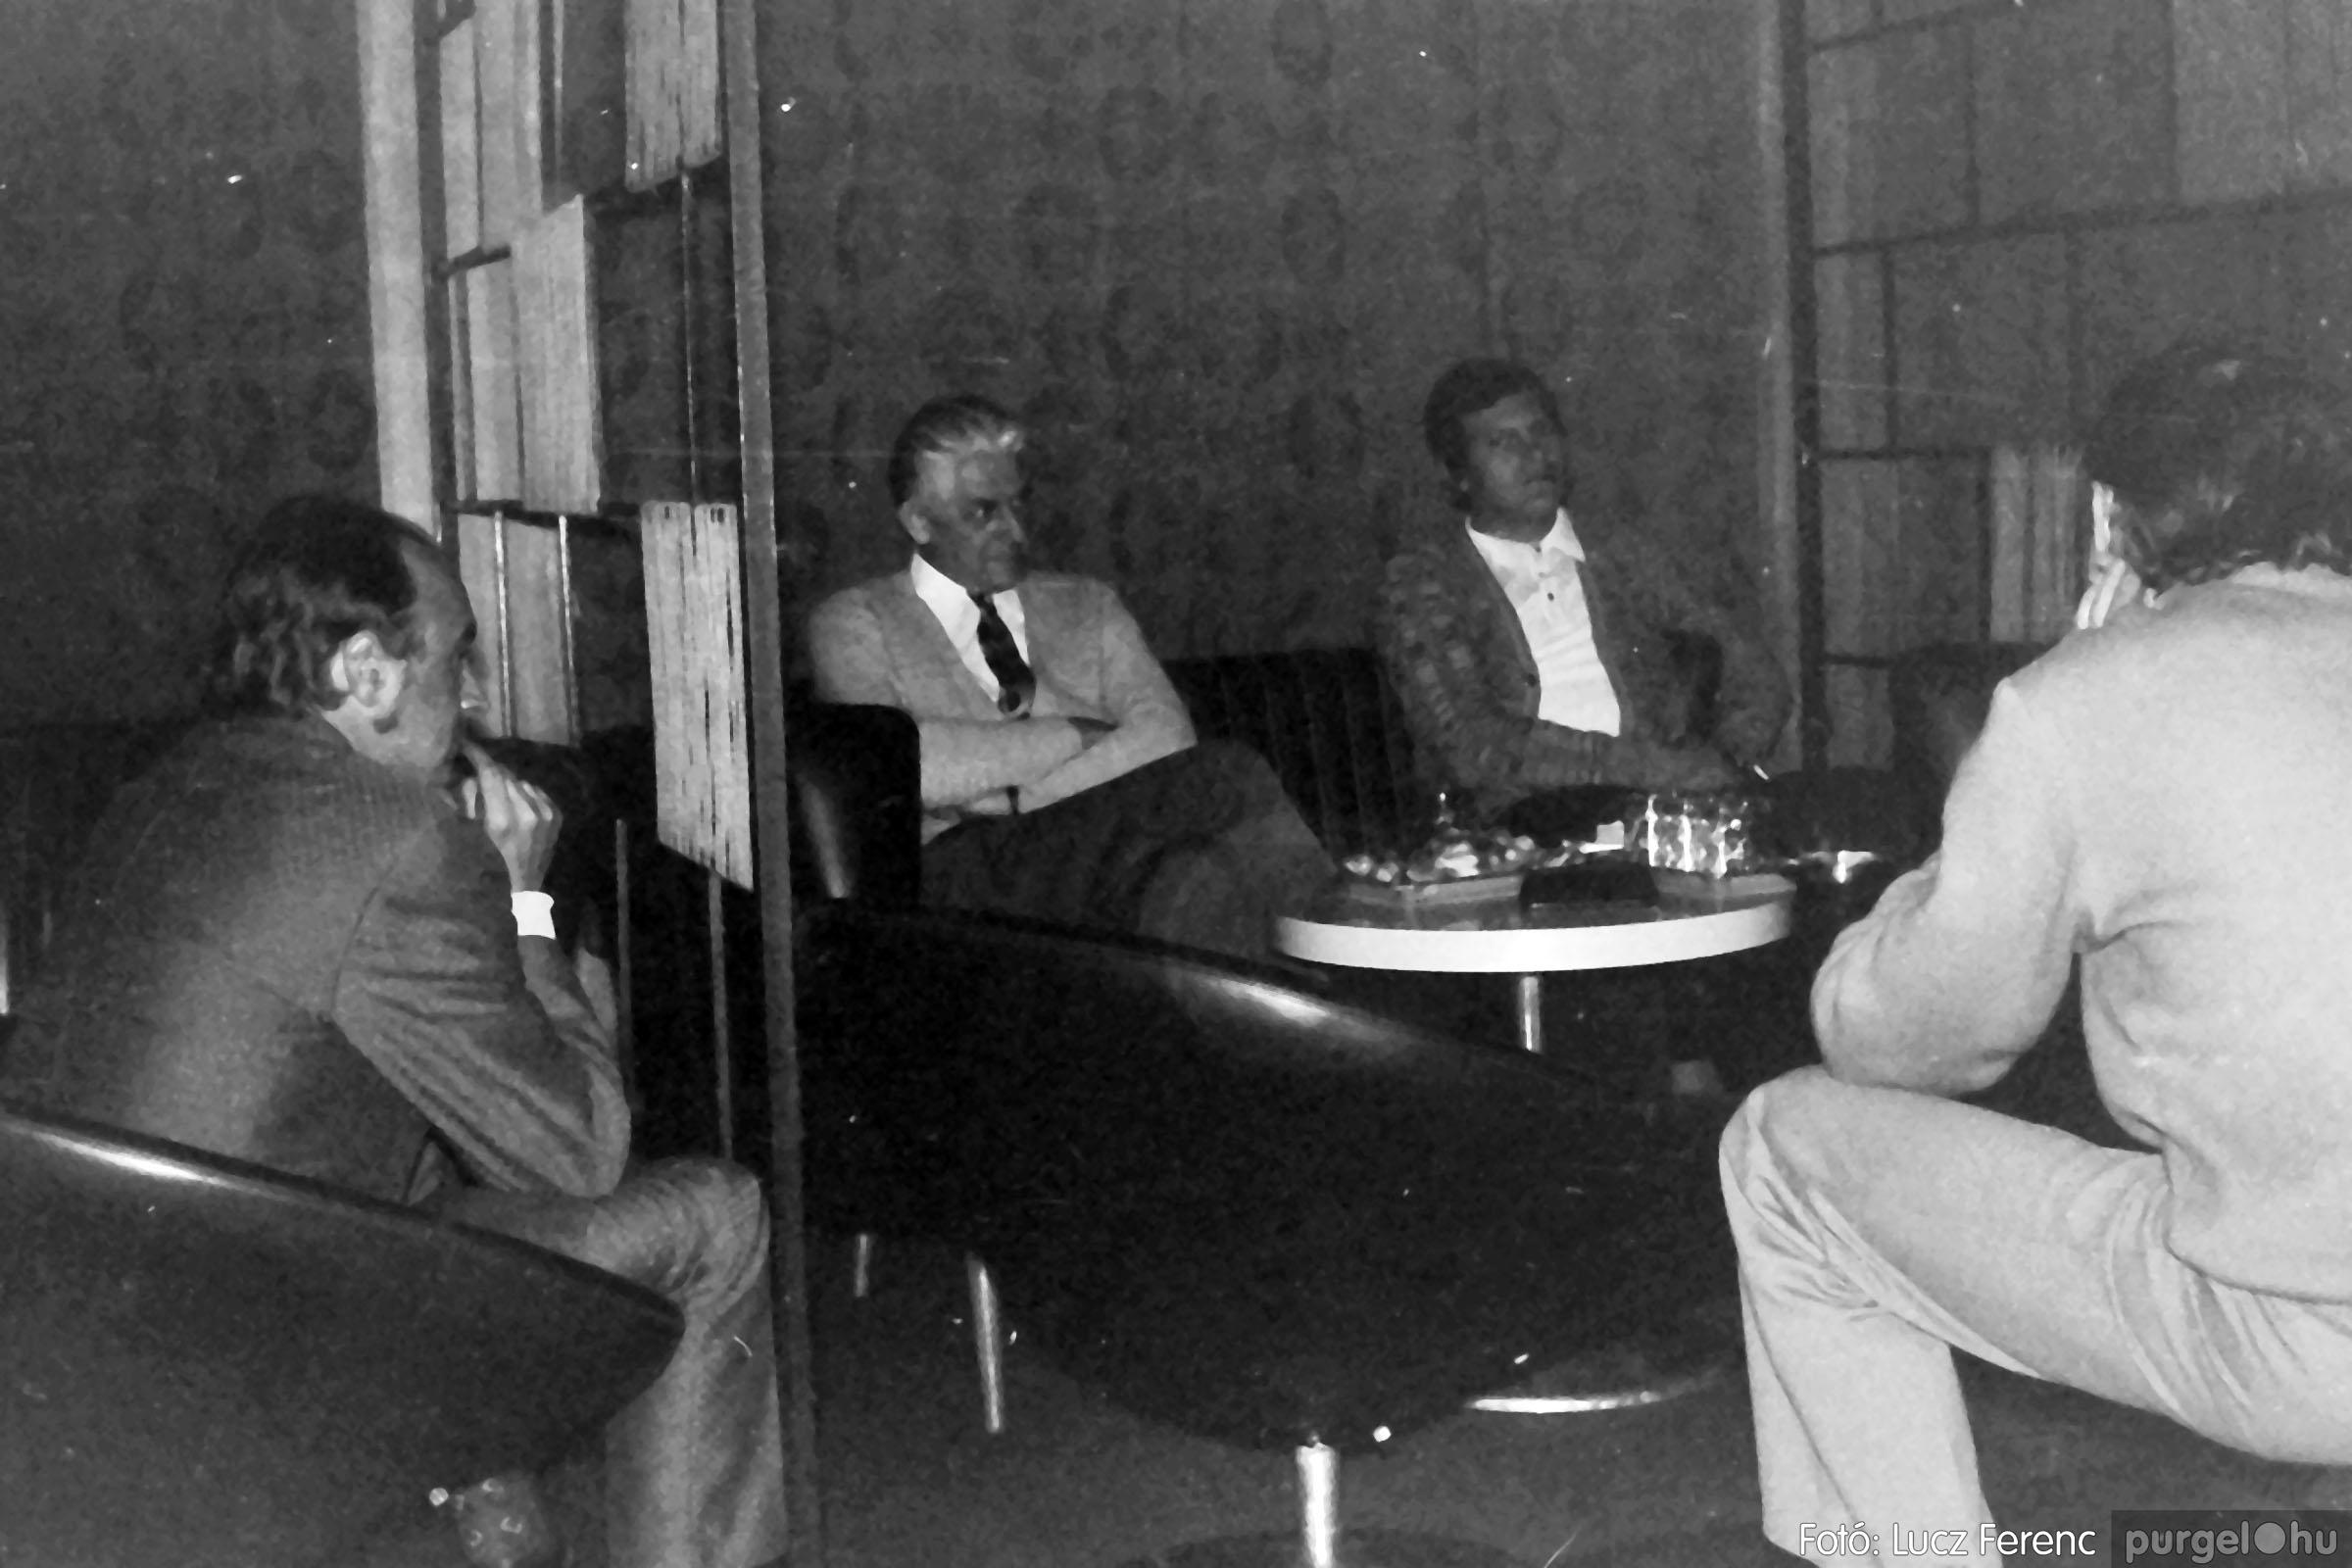 018-019 1975. Élet a kultúrházban 003 - Fotó: Lucz Ferenc IMG00042q.jpg